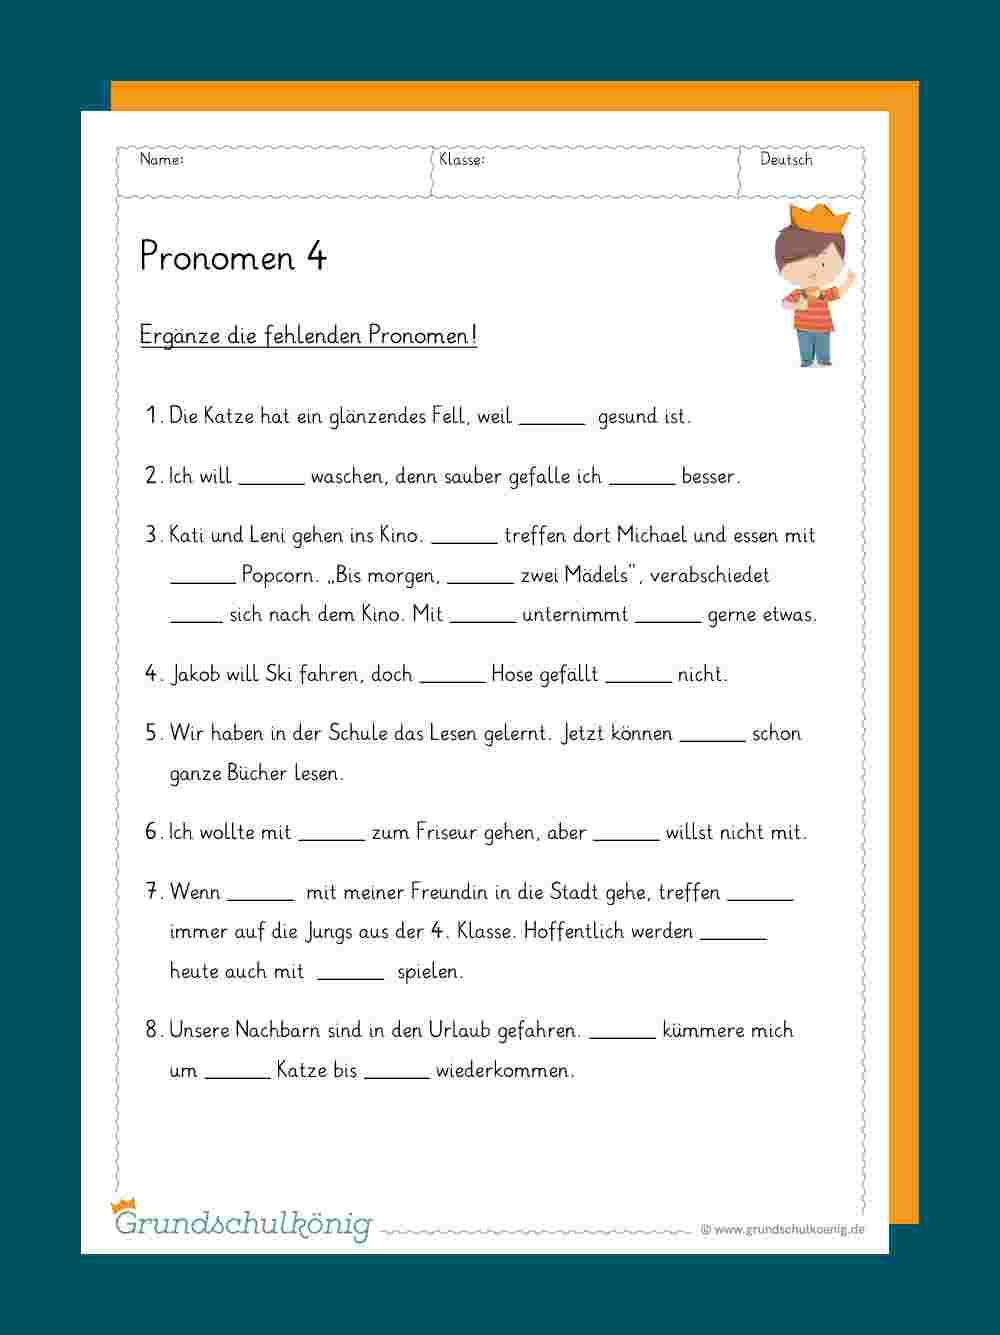 Pronomen 4 Klasse